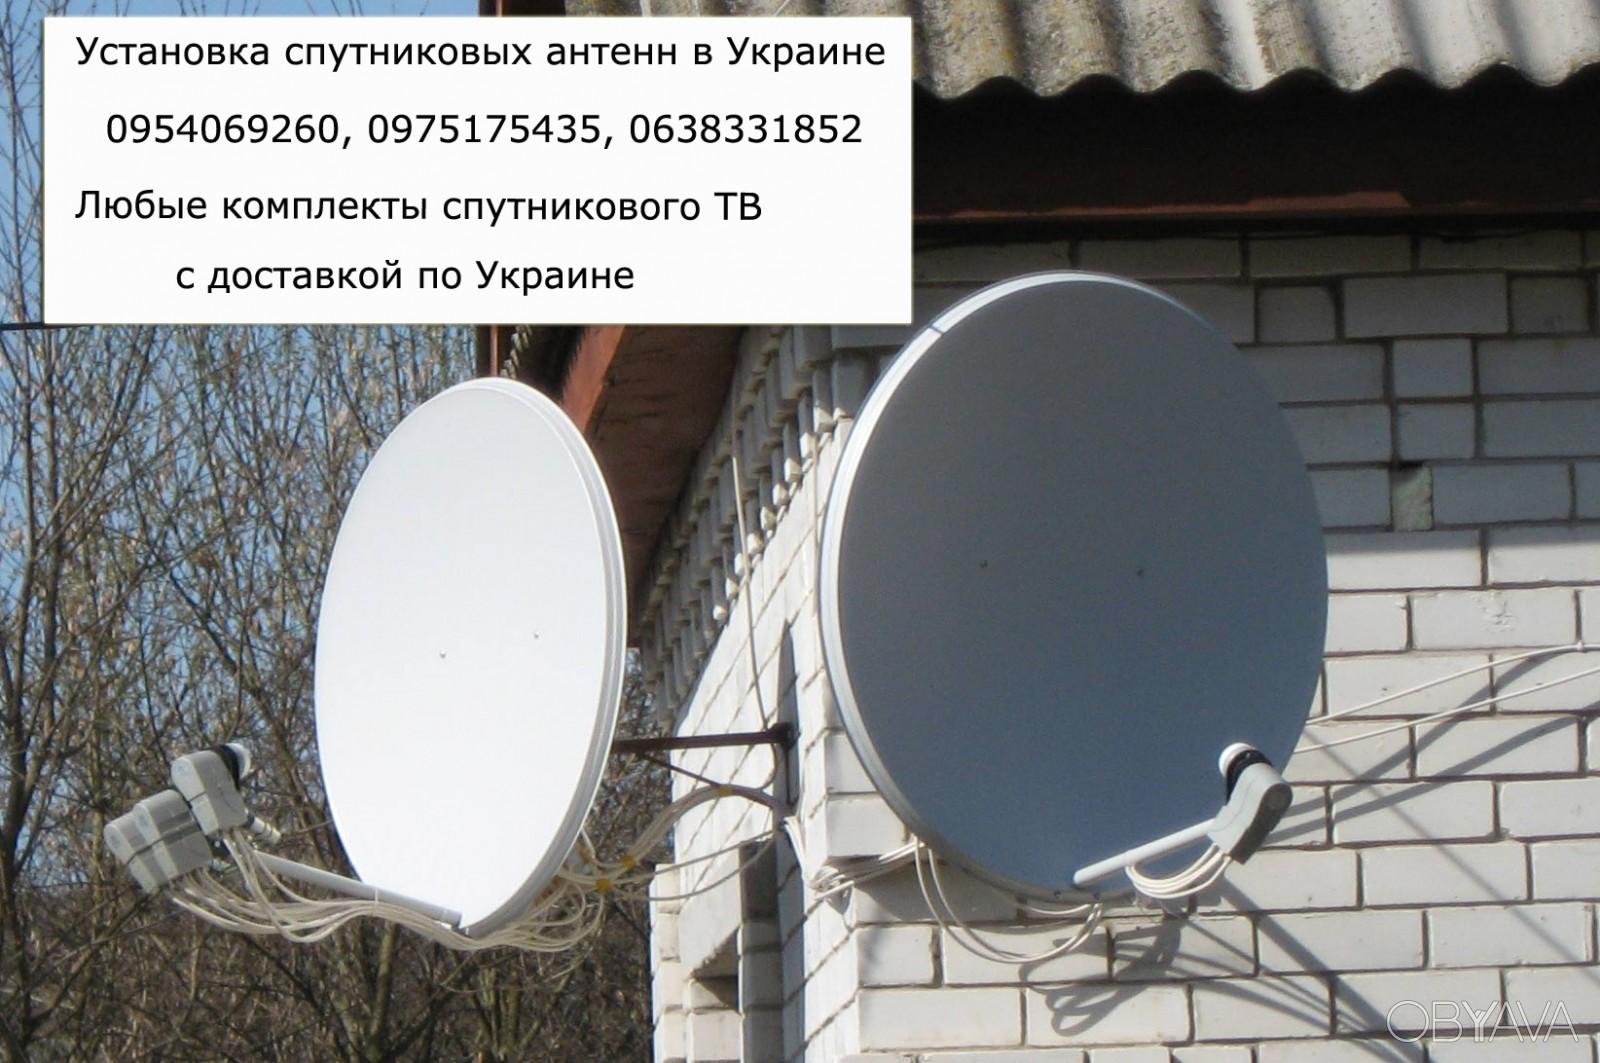 Спутниковая антенна для своими руками фото 525